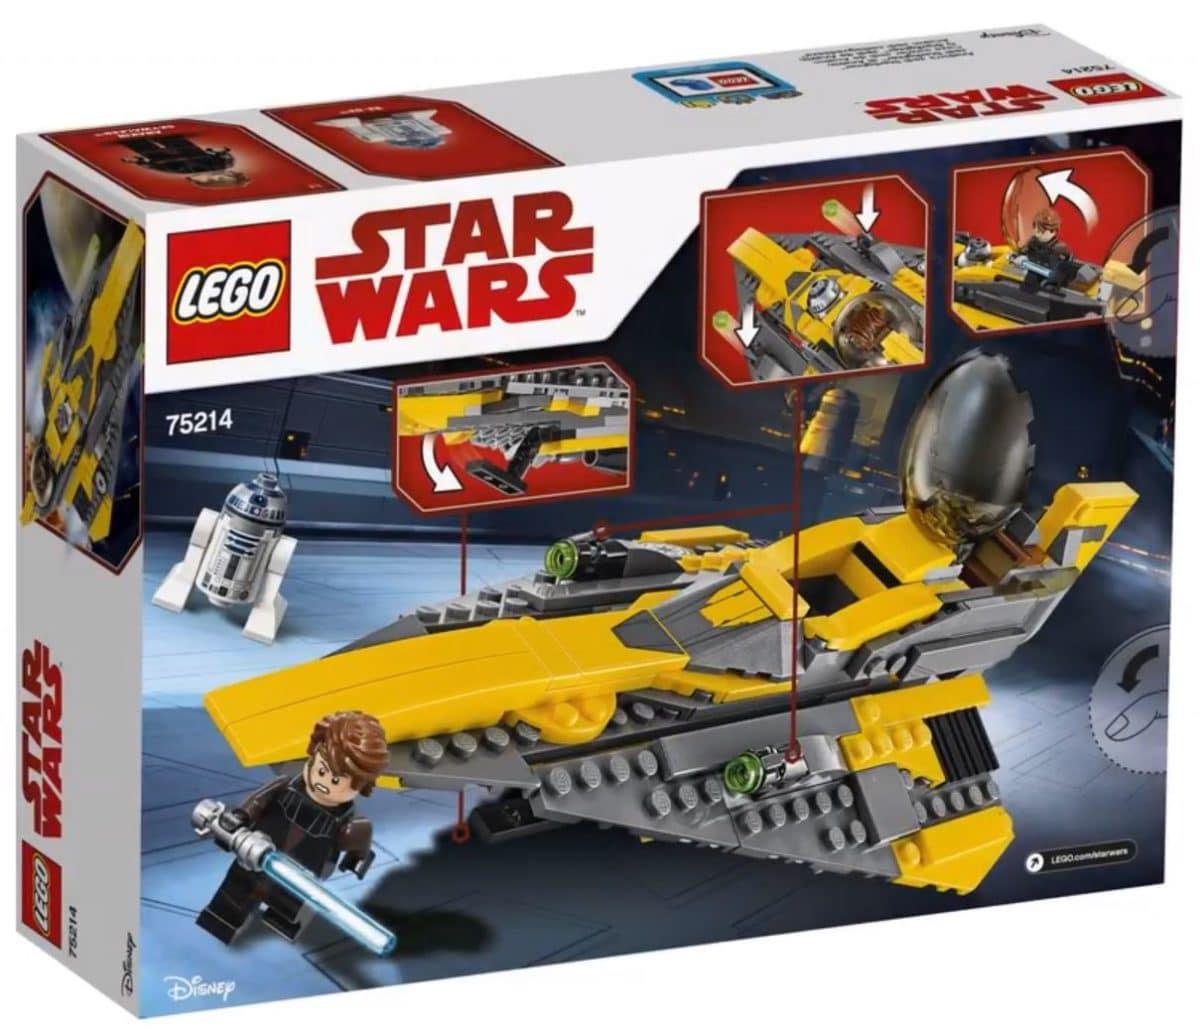 Lego Star Wars Sets 2018 Alle Neuen Sets Jetzt Bestellbar